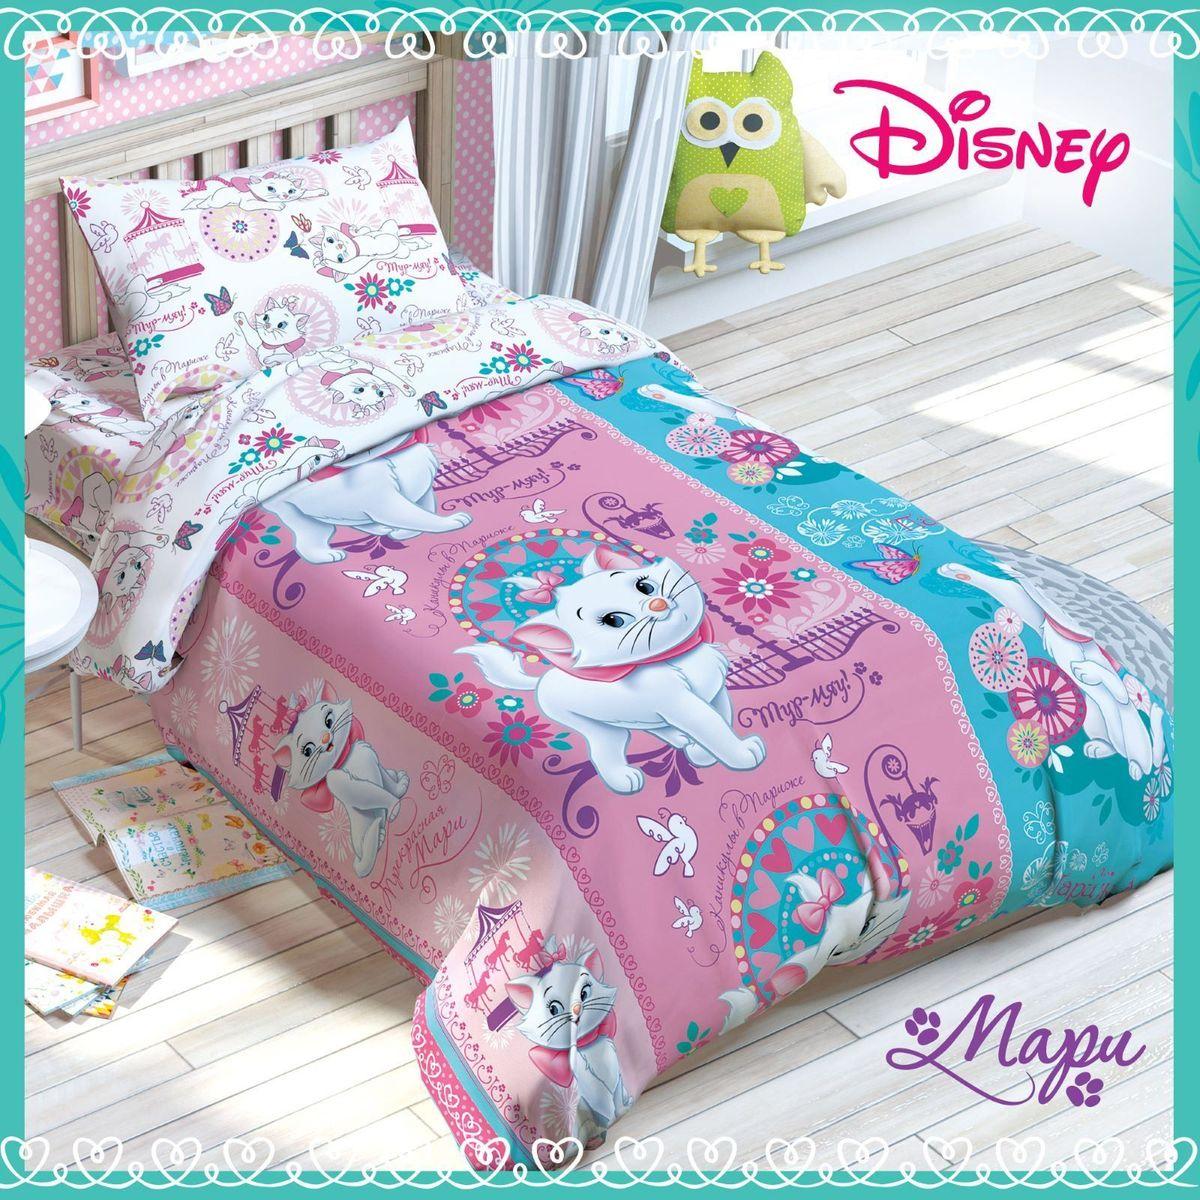 Disney КПБ 1,5 спальное Мари1317325Постельное бельё для самой милой и очаровательной девчонки! Превратить детскую в настоящую сказочную страну, подарить маленькой поклоннице диснеевских мультфильмов сны, полные удивительных приключений и волшебства, обеспечить дочке комфорт и уют на протяжении всей ночи — всё это легко сделать с комплектом «Бемби».Над дизайном этого постельного белья работала команда настоящих мастеров своего дела! На внешней стороне пододеяльника разместился основной мотив: яркий, динамичный и запоминающийся рисунок, дополненный надписями на русском языке. В качестве основы для наволочек, простыни и внутренней стороны пододеяльника используется светлая ткань-компаньон: принт здесь более спокойный, но не менее красивый!Кроха будет в восторге!А заботливых родителей порадует качество. Бельё изготовлено на современном оборудовании в России под тщательным контролем на каждой стадии производства. В работе использовался только натуральный, экологически чистый хлопок и безопасные европейские красители. Именно поэтому комплект:невероятно приятный на ощупь, подходит для детей с чувствительной кожей;позволяет коже дышать;отлично впитывает влагу;не вызывает аллергию;прост в уходе и долговечен.В комплект входит: пододеяльник (143 х 215 см), простыня (150 х 214 см) и одна наволочка (50 х 70 см).При соблюдении простых рекомендаций по уходу за изделием постельное бельё прослужит длительный срок, сохранив яркость красок и нежность ткани. Стирать бельё нужно при температуре не выше сорока градусов без использования отбеливающих средств. Гладить — при температуре не более 150 °C. Химчистка запрещена.